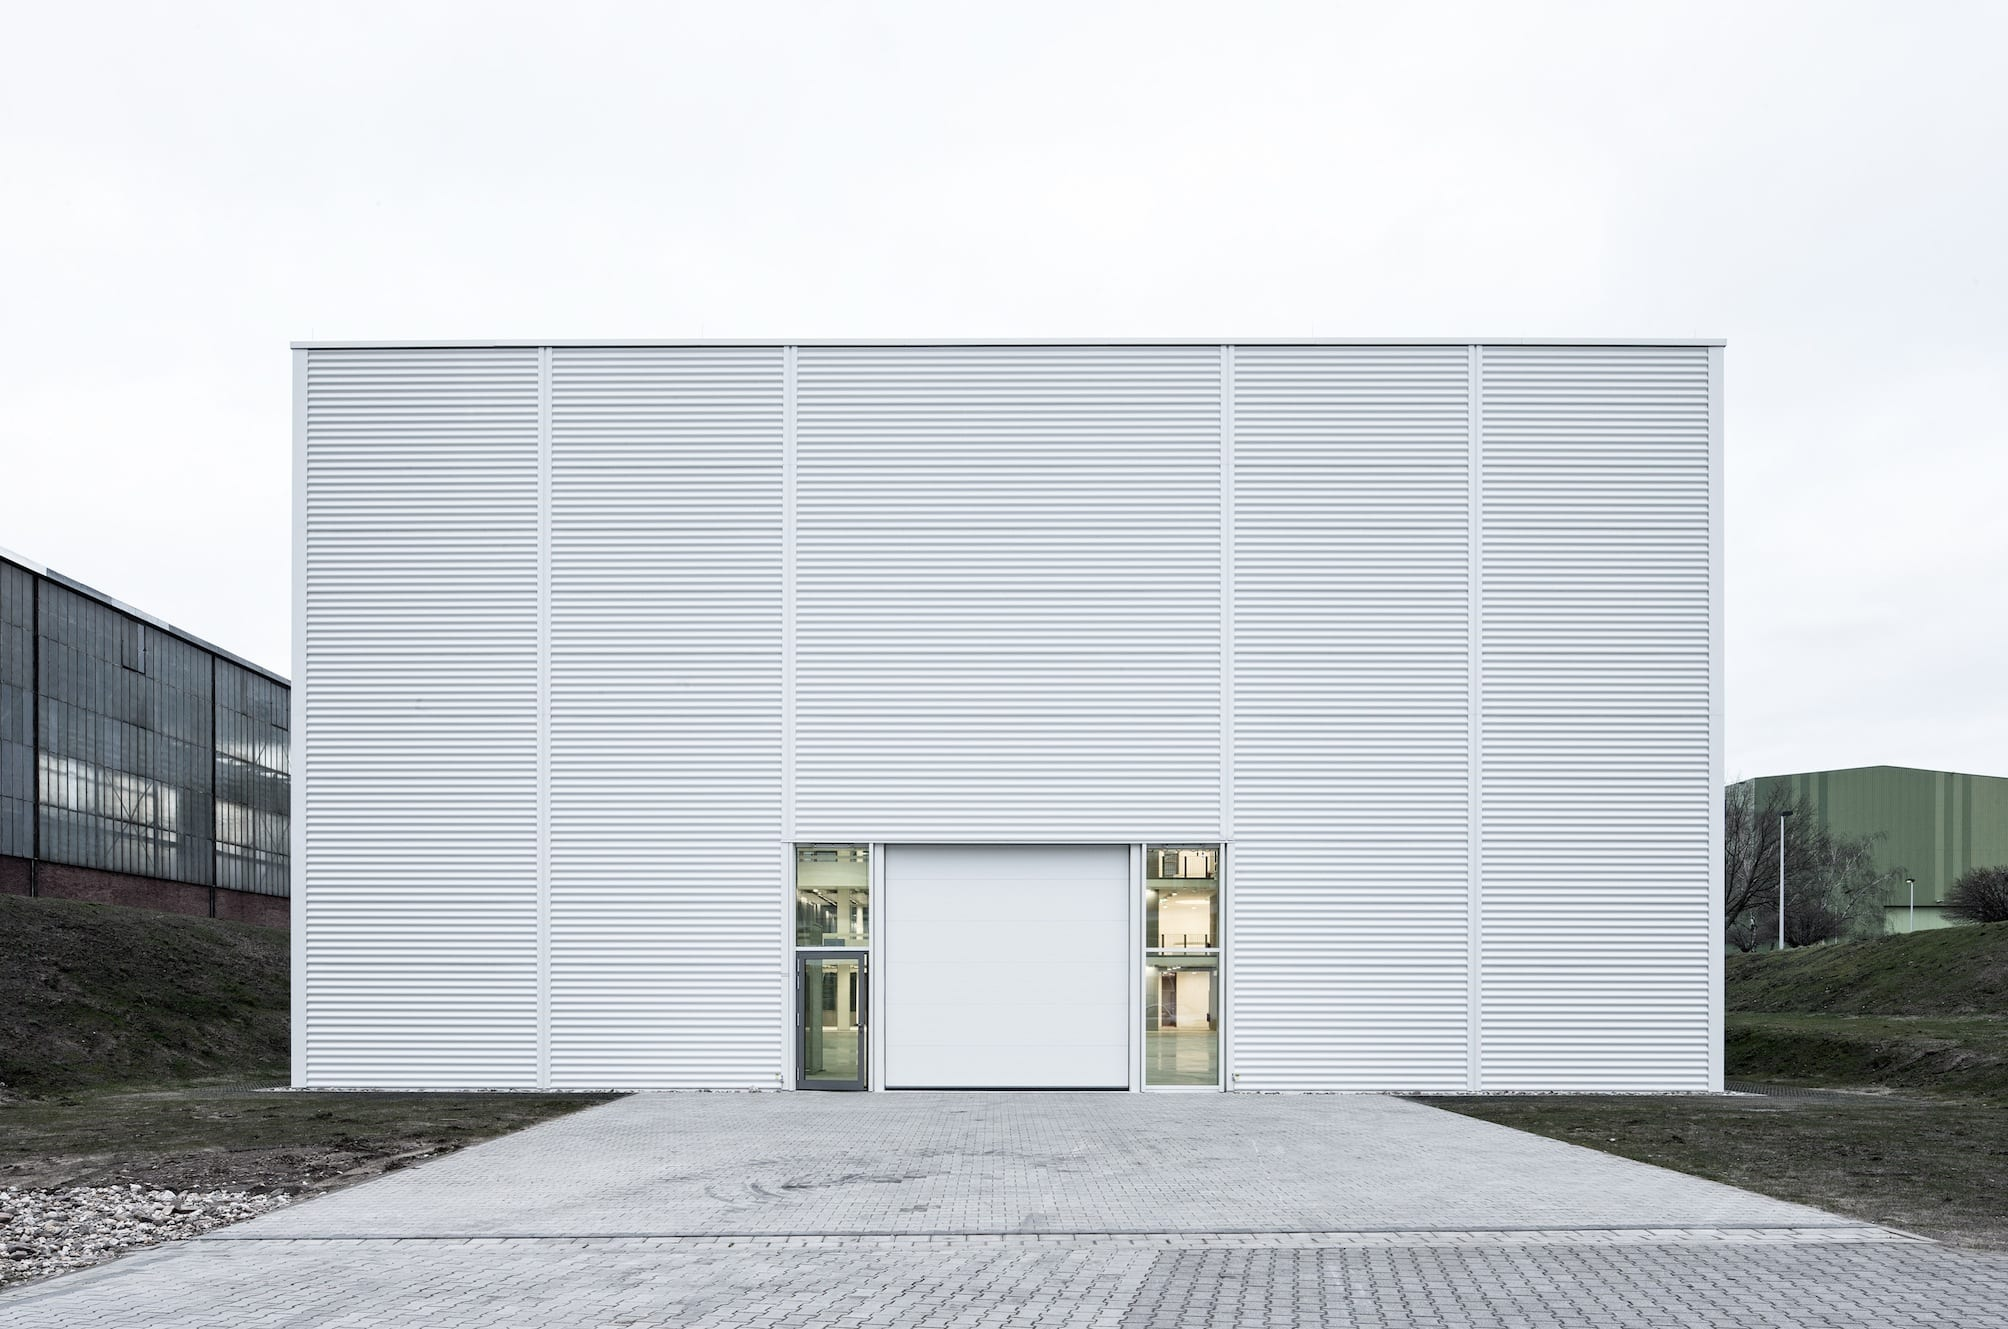 Man primeserv academy aib baut neues schulungszentrum for Architekturburo oberhausen